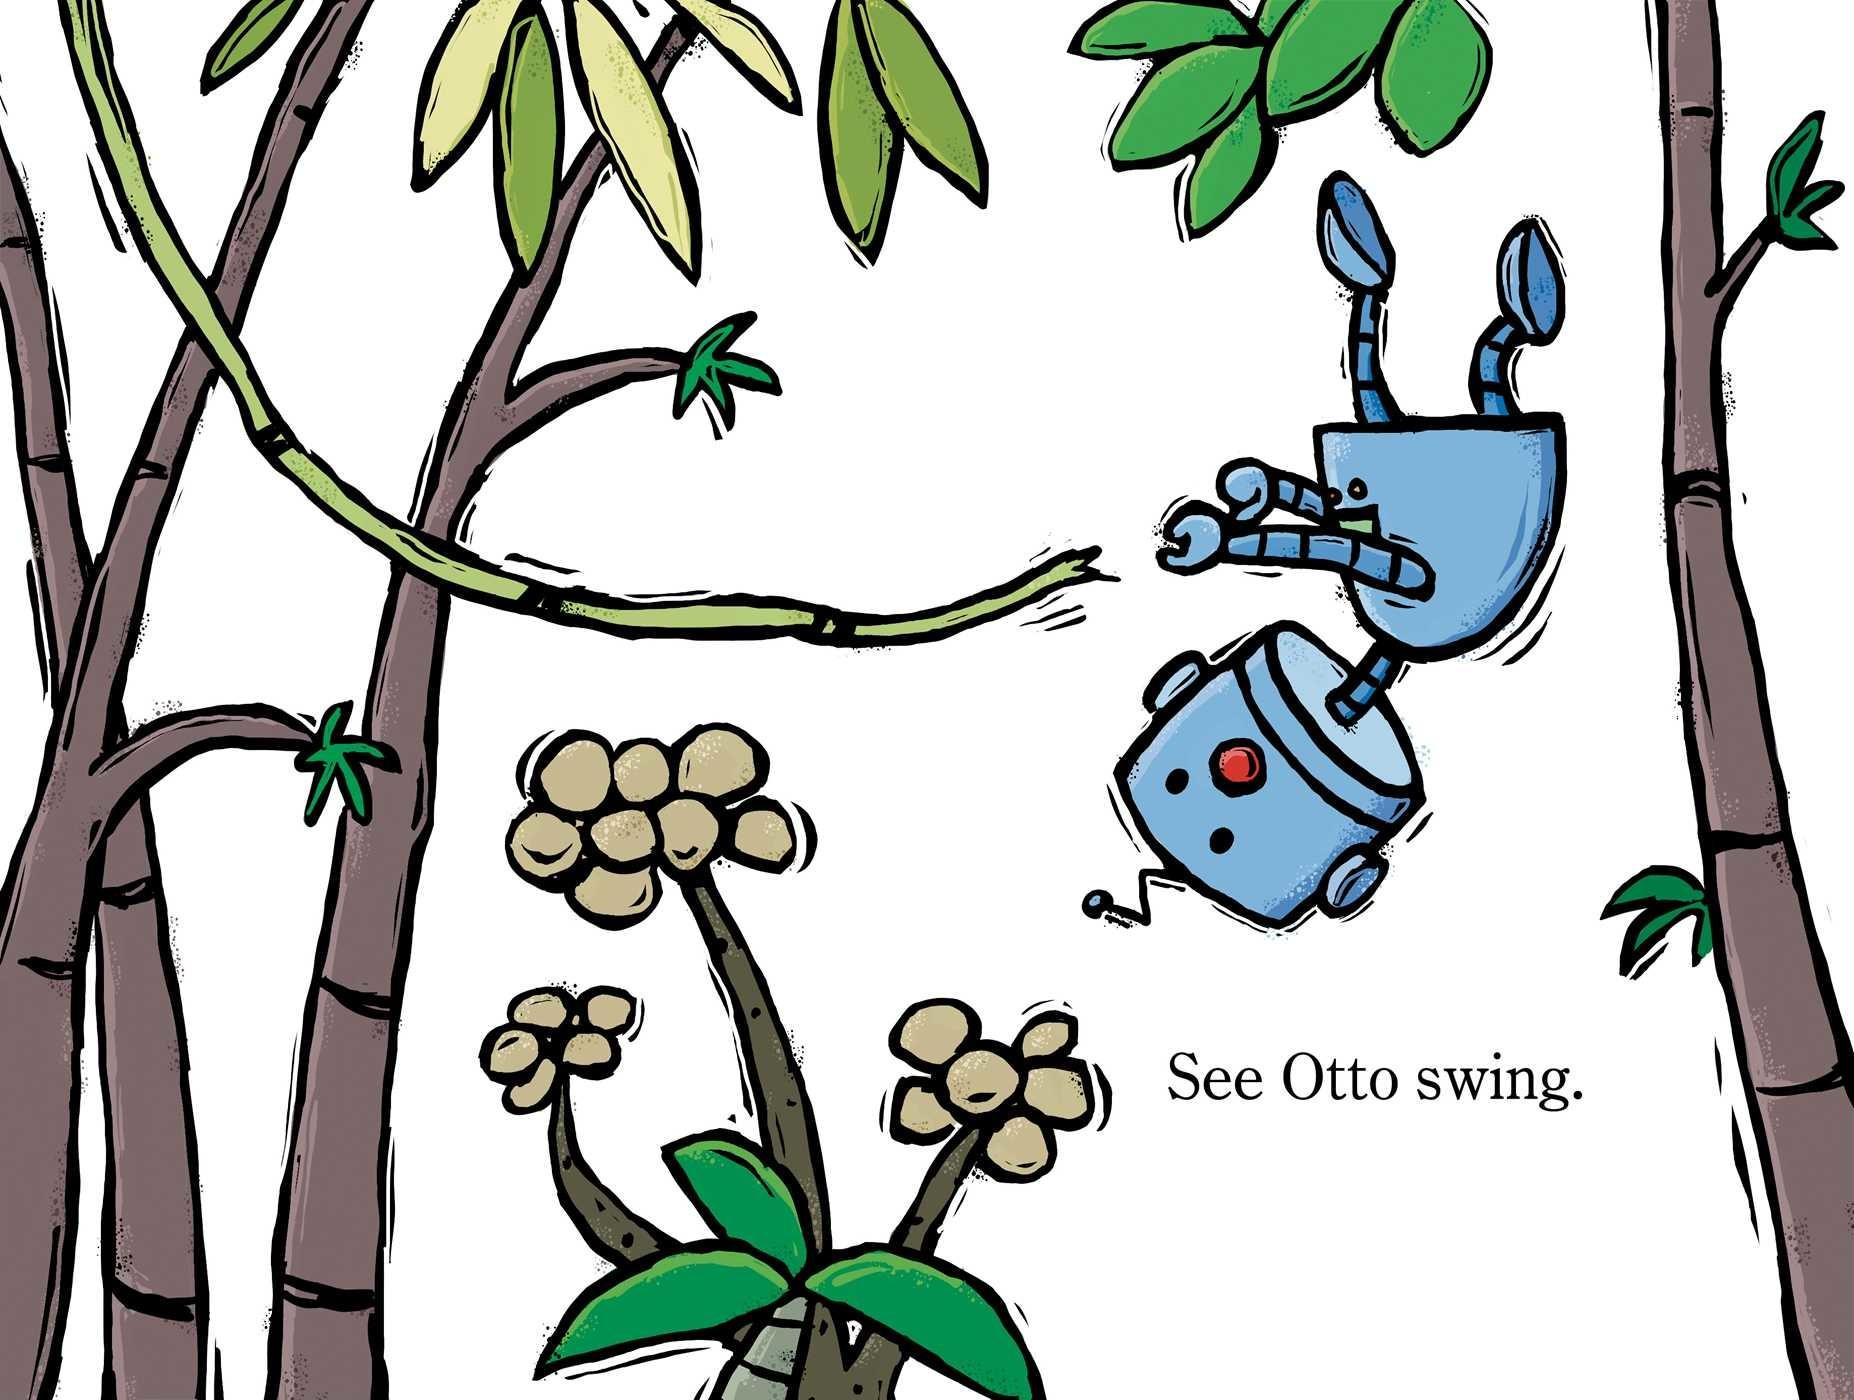 Swing otto swing 9781481467902.in04